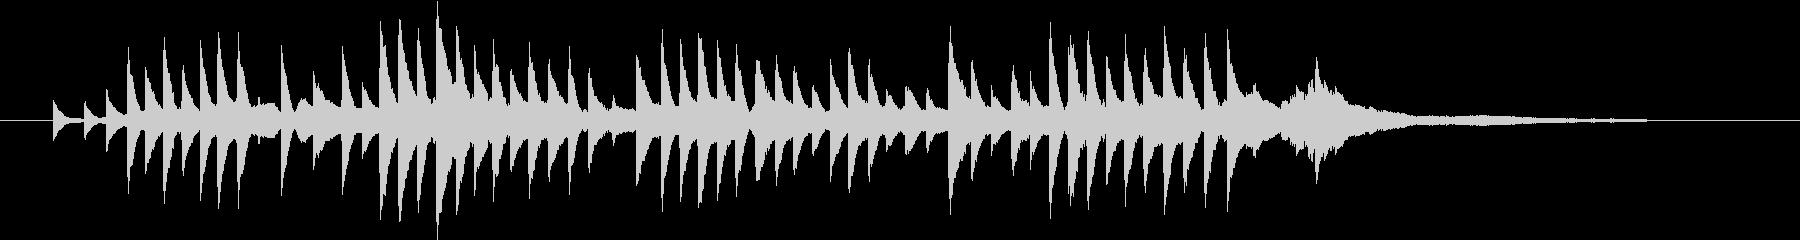 「やさしい雨のBGM」の未再生の波形